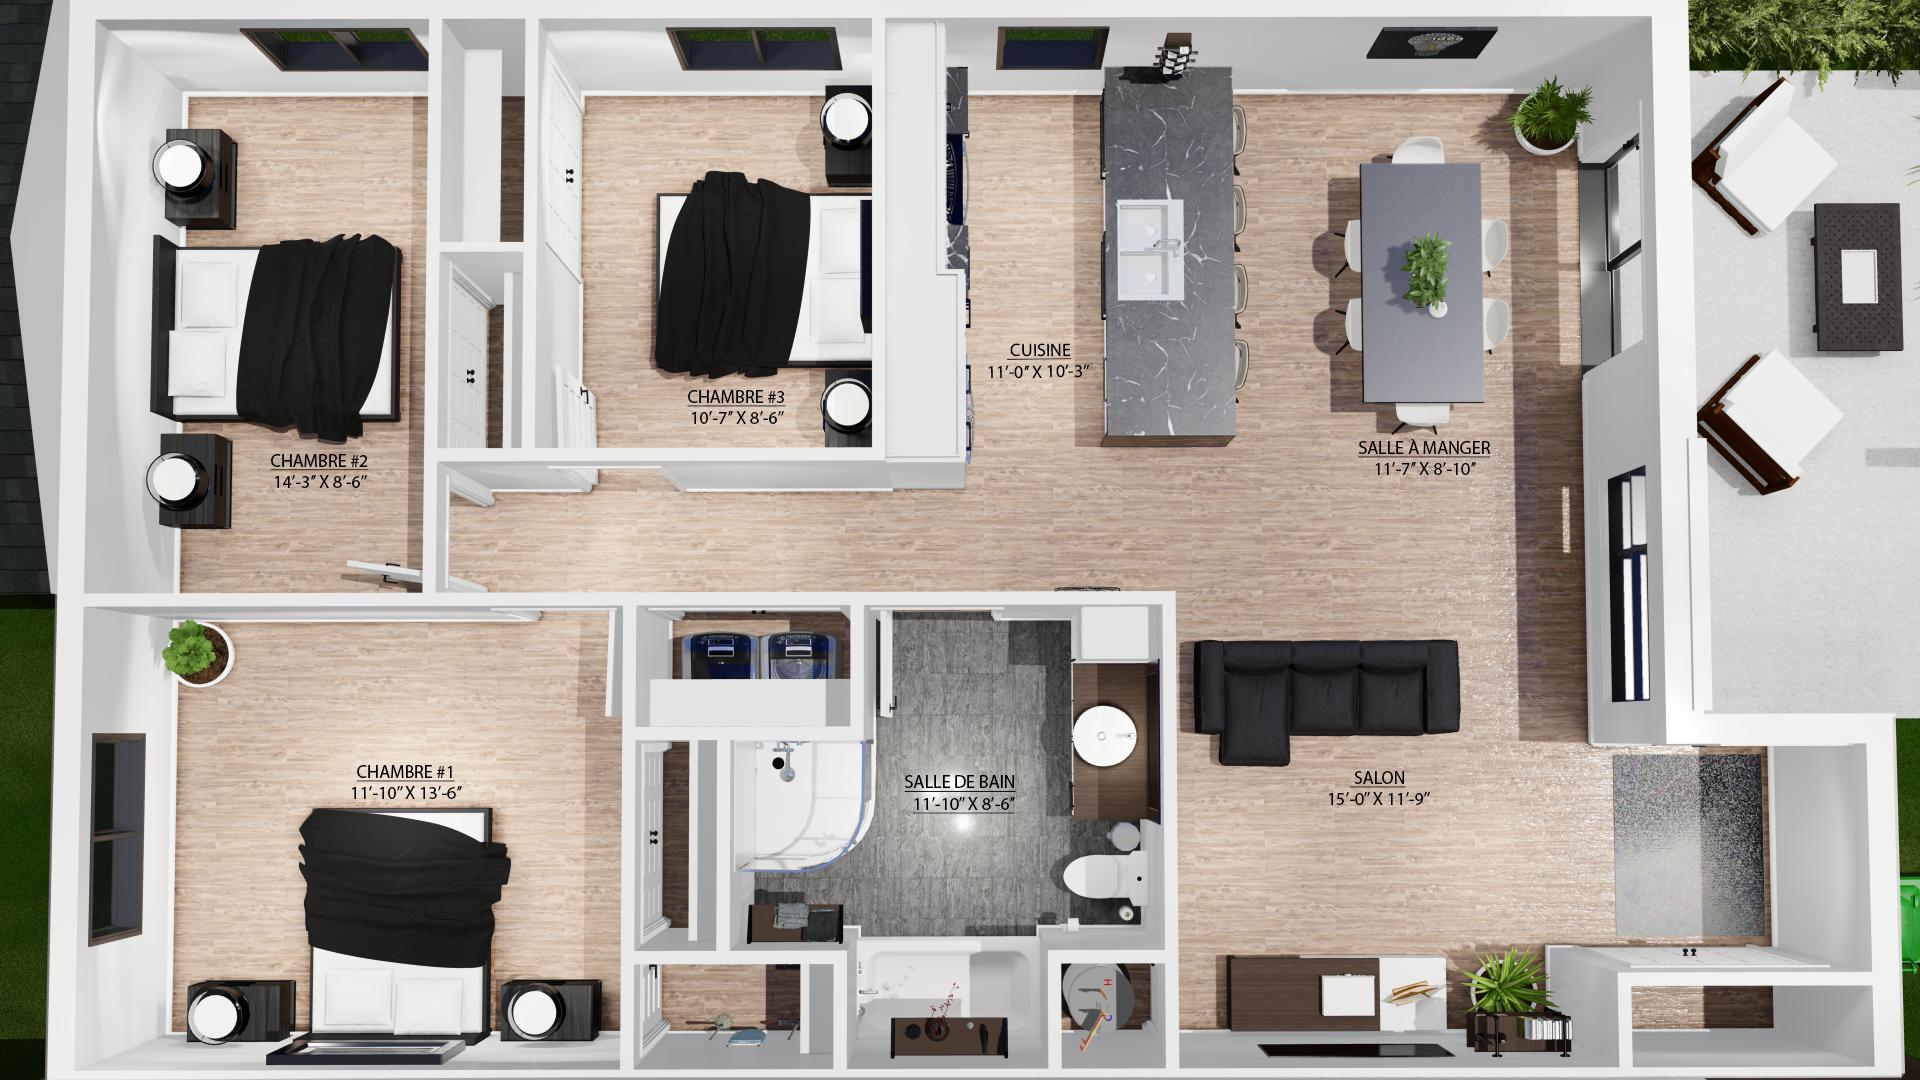 Projet domiciliaire l'Émileville - Constructions Deslandes